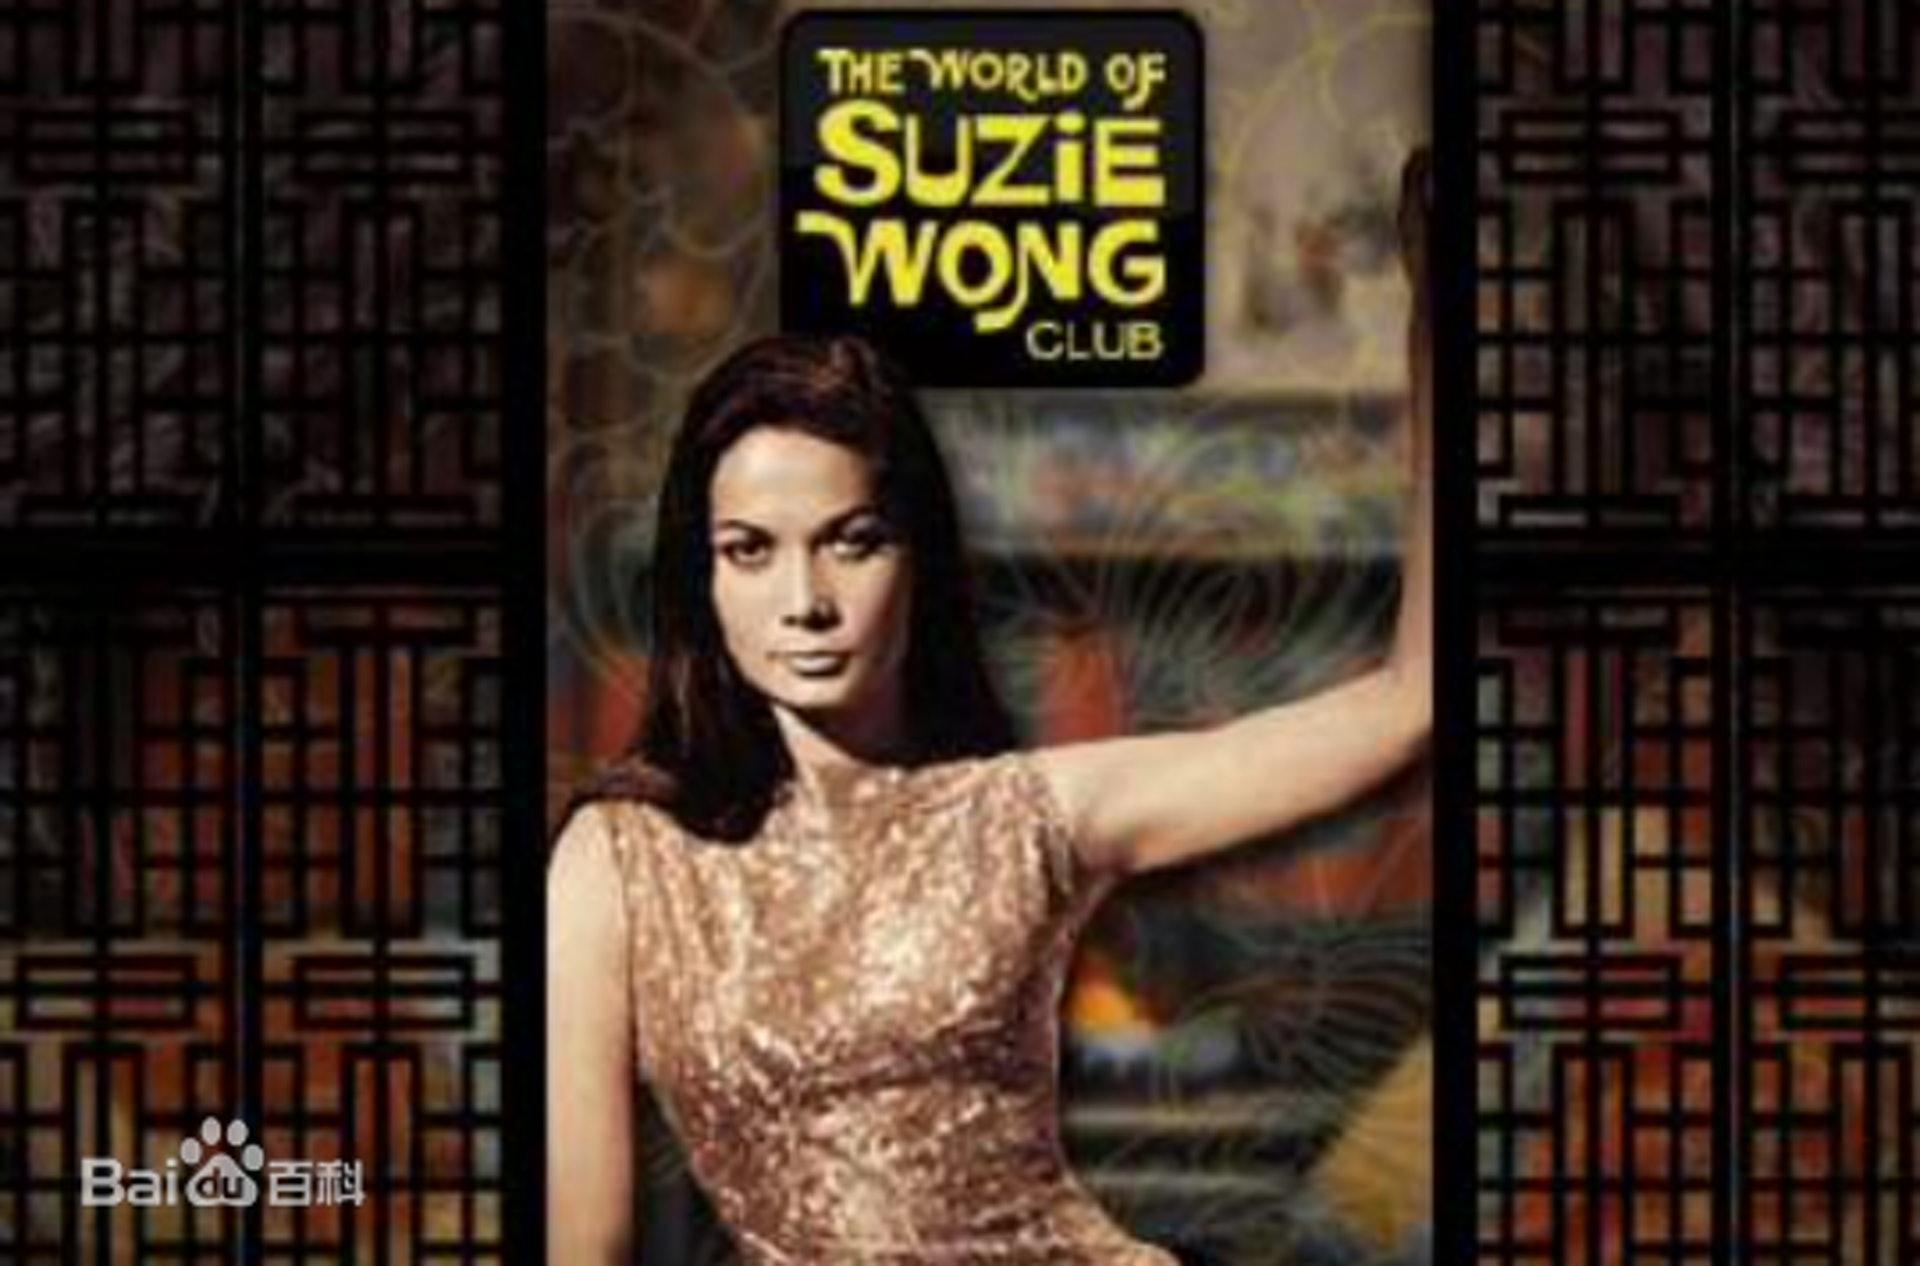 好莱坞电影《苏丝黄的世界》(The World of Suzie Wong),找来美籍华裔女演员关南施饰演女主角苏丝黄。 (百度百科)